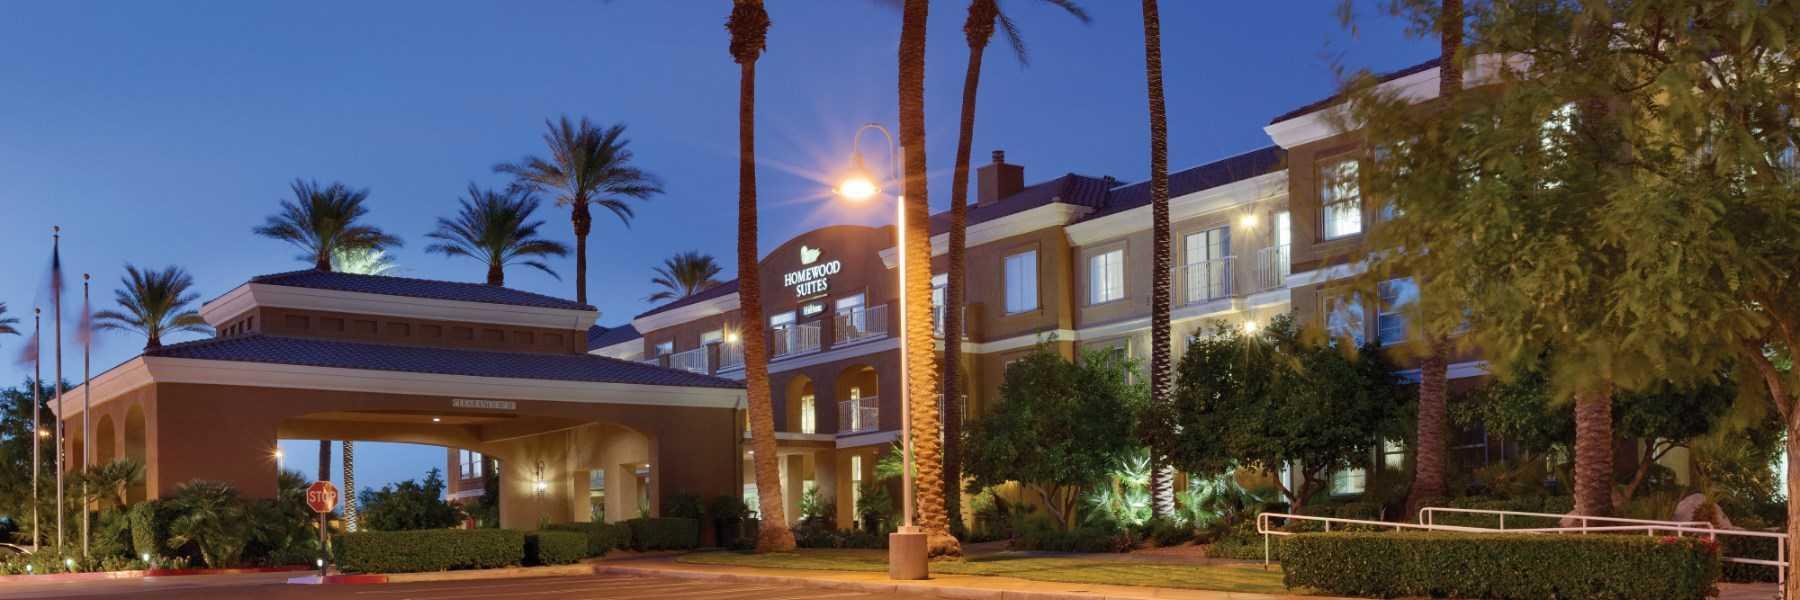 hotel management company vesta hospitality management. Black Bedroom Furniture Sets. Home Design Ideas